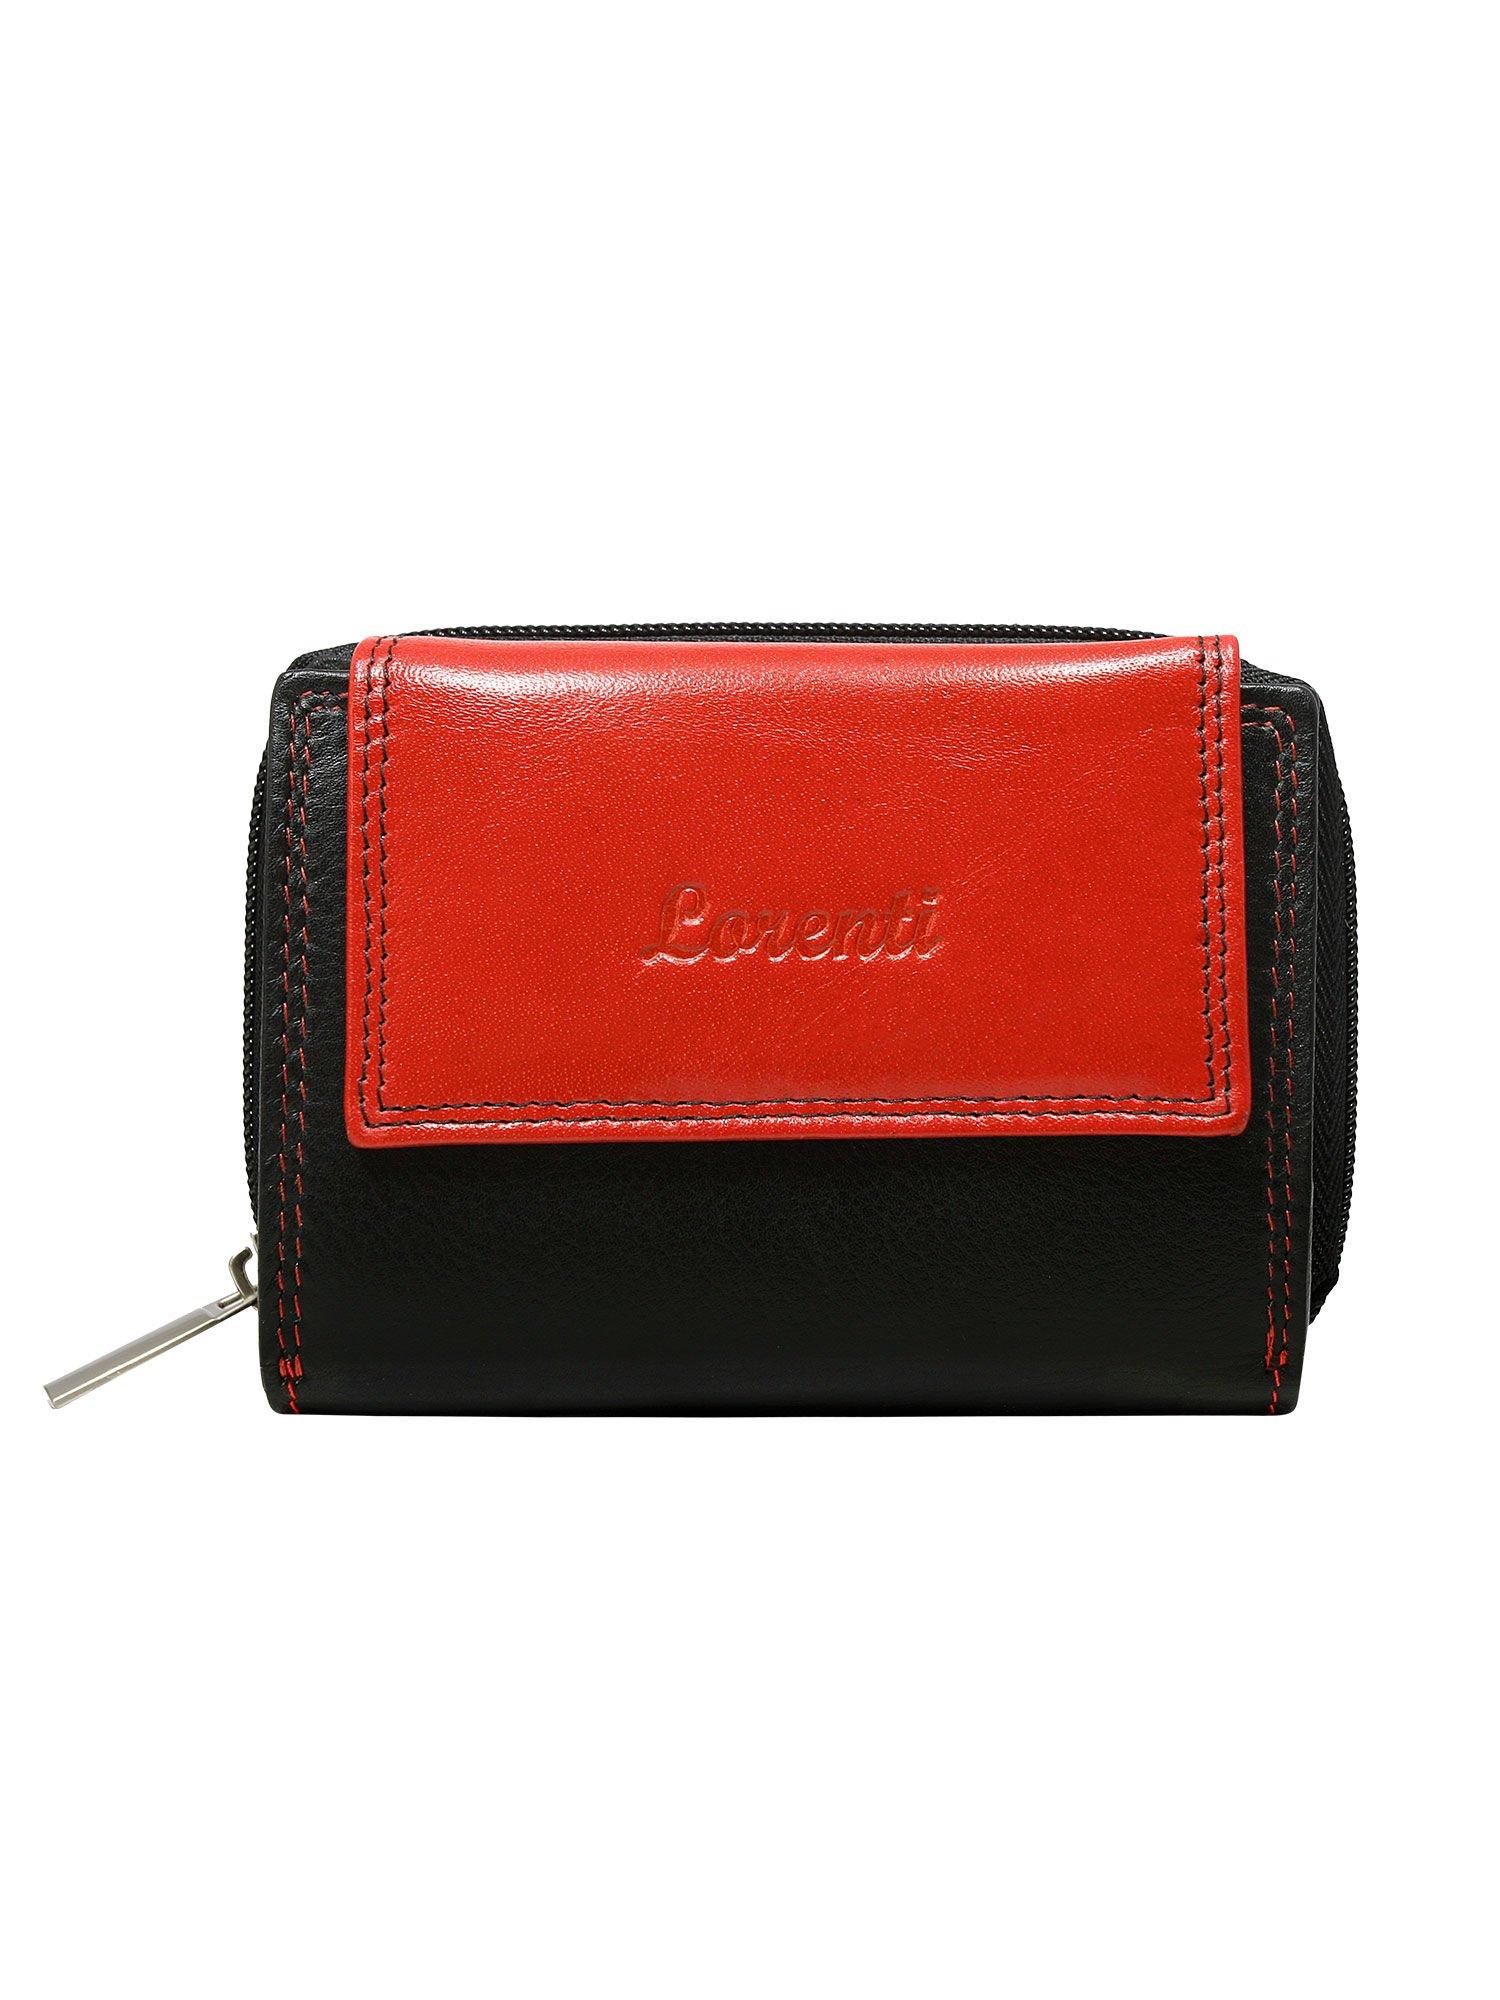 97680a68f5ea4 Czarno-czerwony skórzany portfel damski na napę i suwak - Akcesoria portfele  - sklep eButik.pl